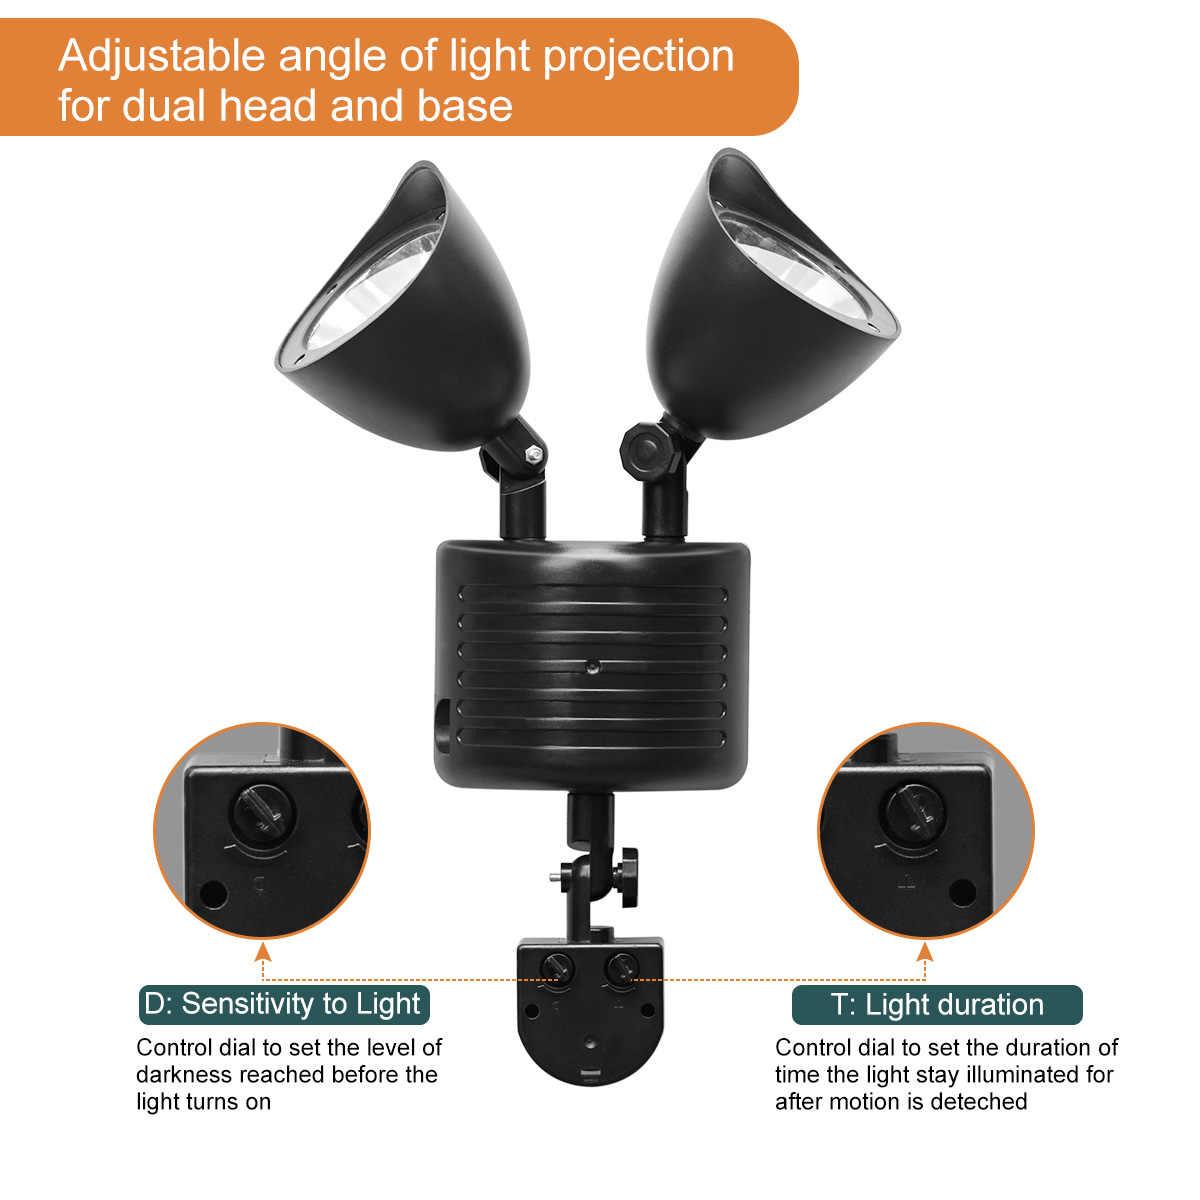 22 светодиодов Солнечный свет Twin Dual Head PIR светильник с датчиком движения уличная Солнечная лампа Водонепроницаемый дорожка чрезвычайная ситуация Street настенные светильники